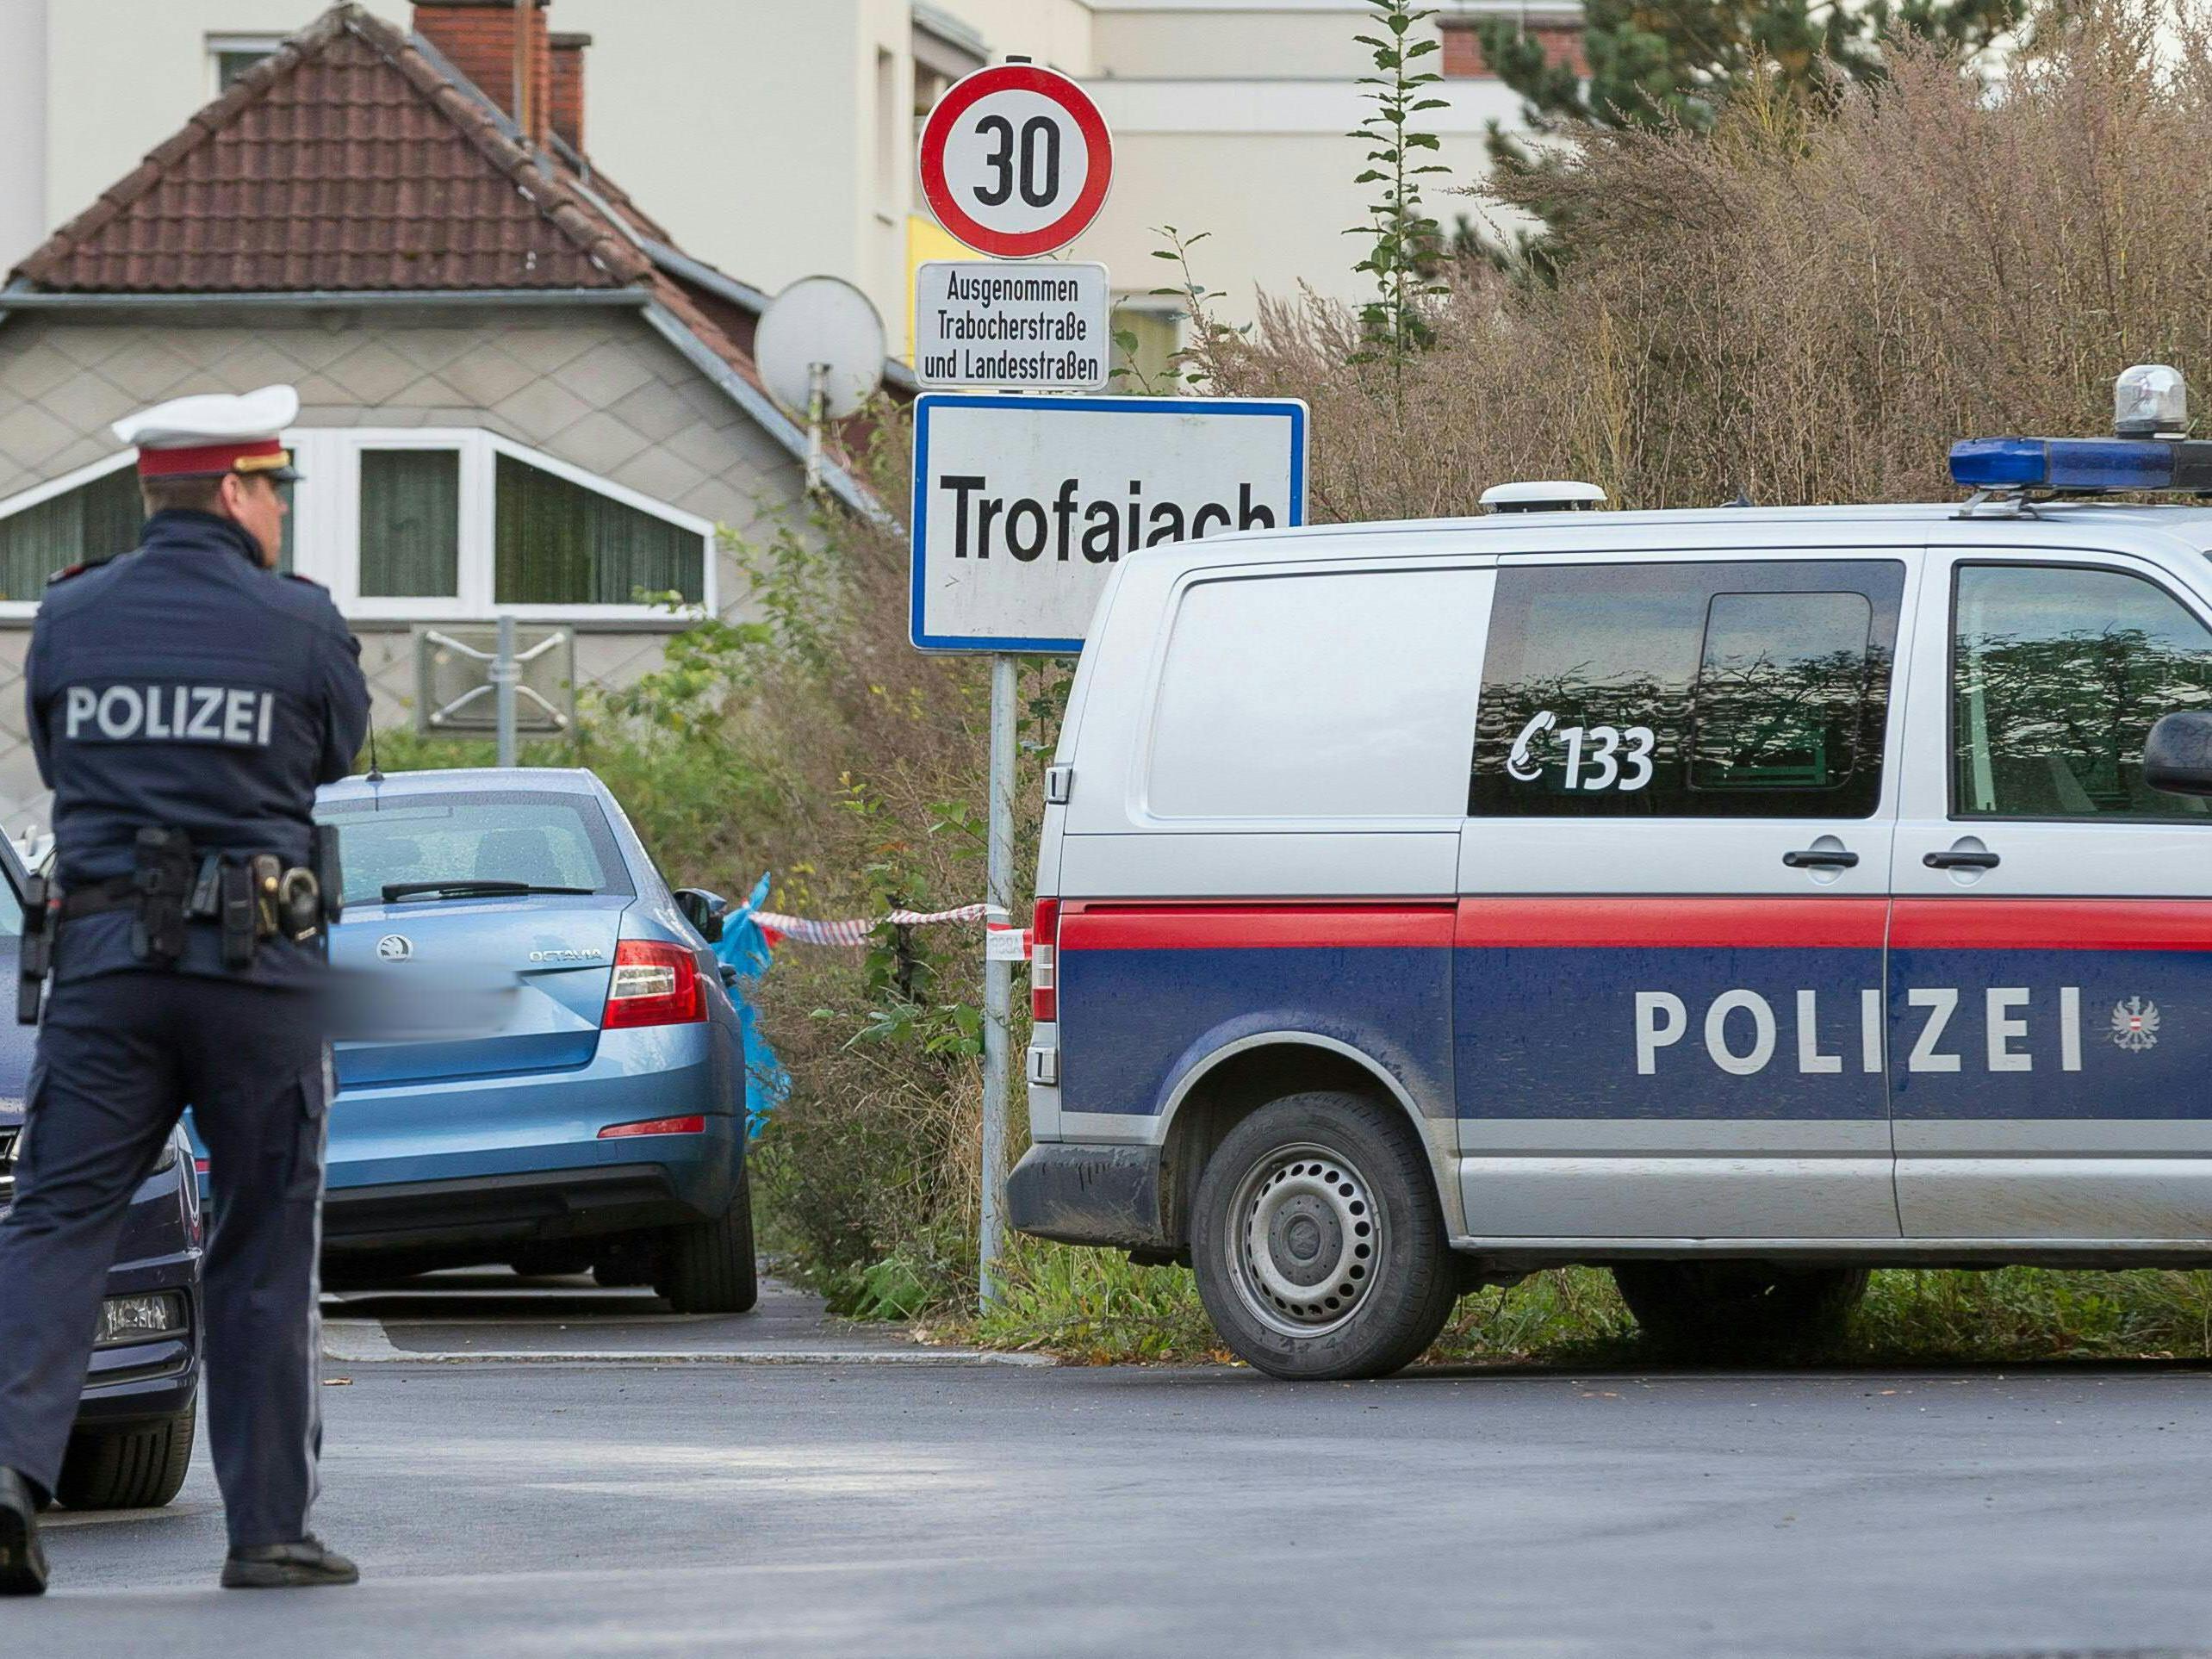 Polizeikräfte in Trofaiach in der Steiermark wo die Leichen der Opfer gefunden wurden